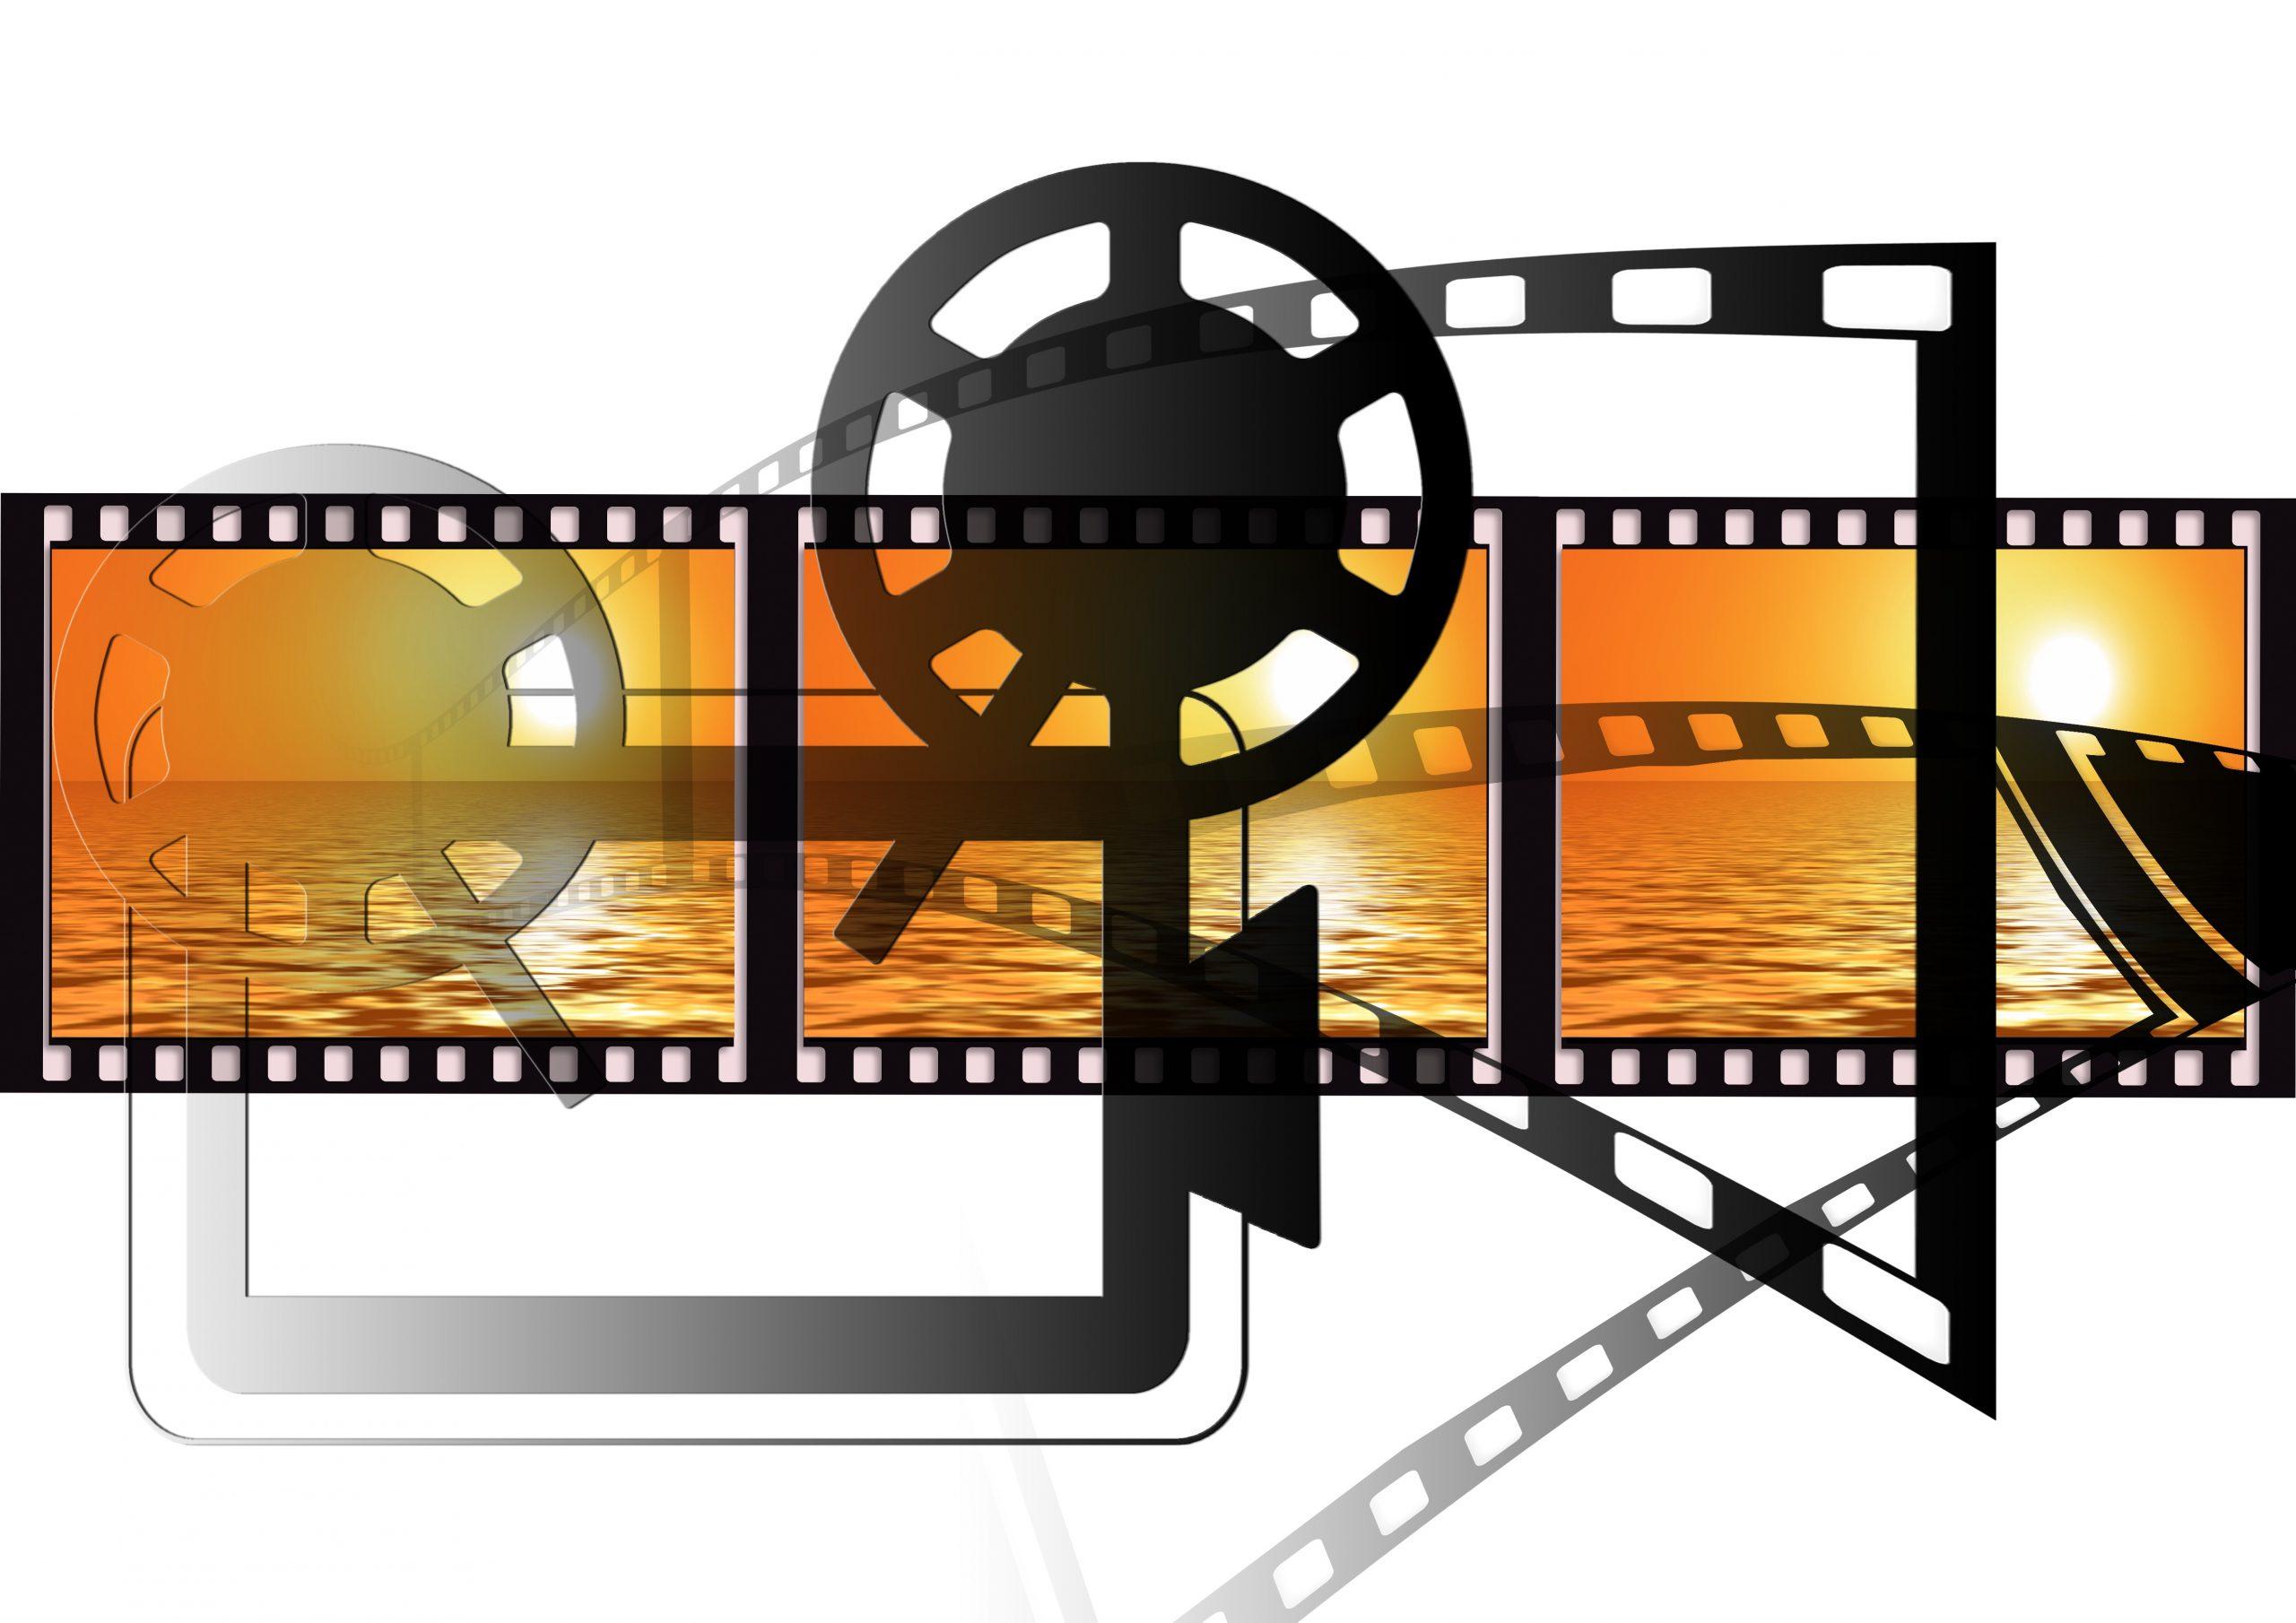 Des parodies hilarantes doublent des films célèbres en mode coronavirus (rtbf)